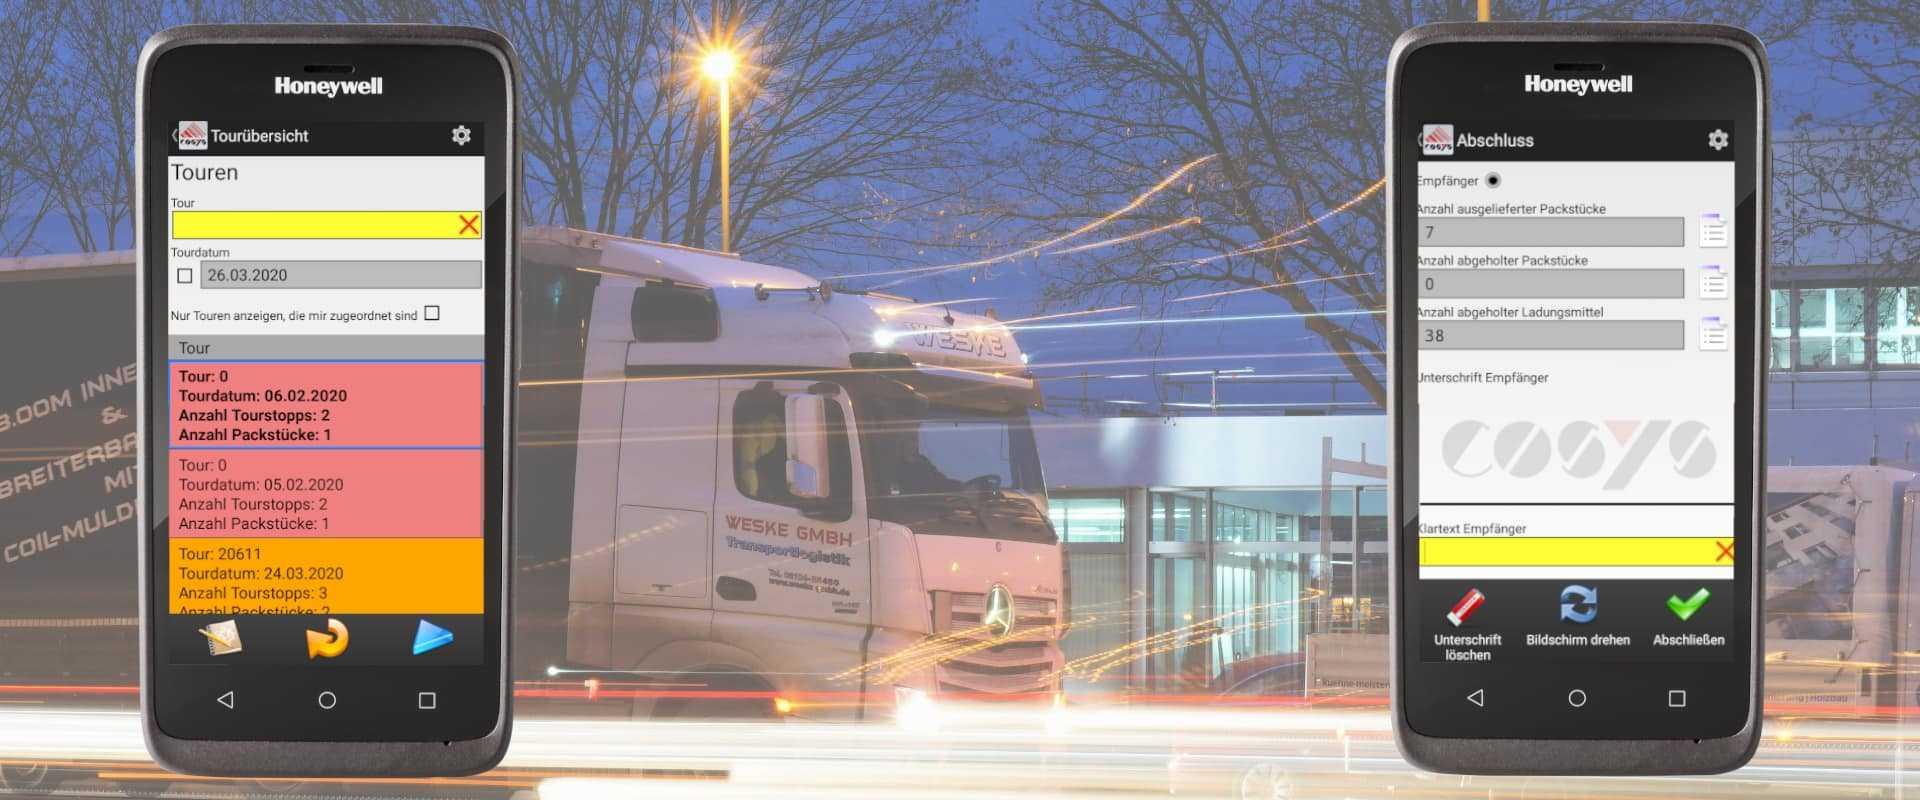 Honeywell EDA 51 und COSYS Verlade- und Ablieferscannung Software